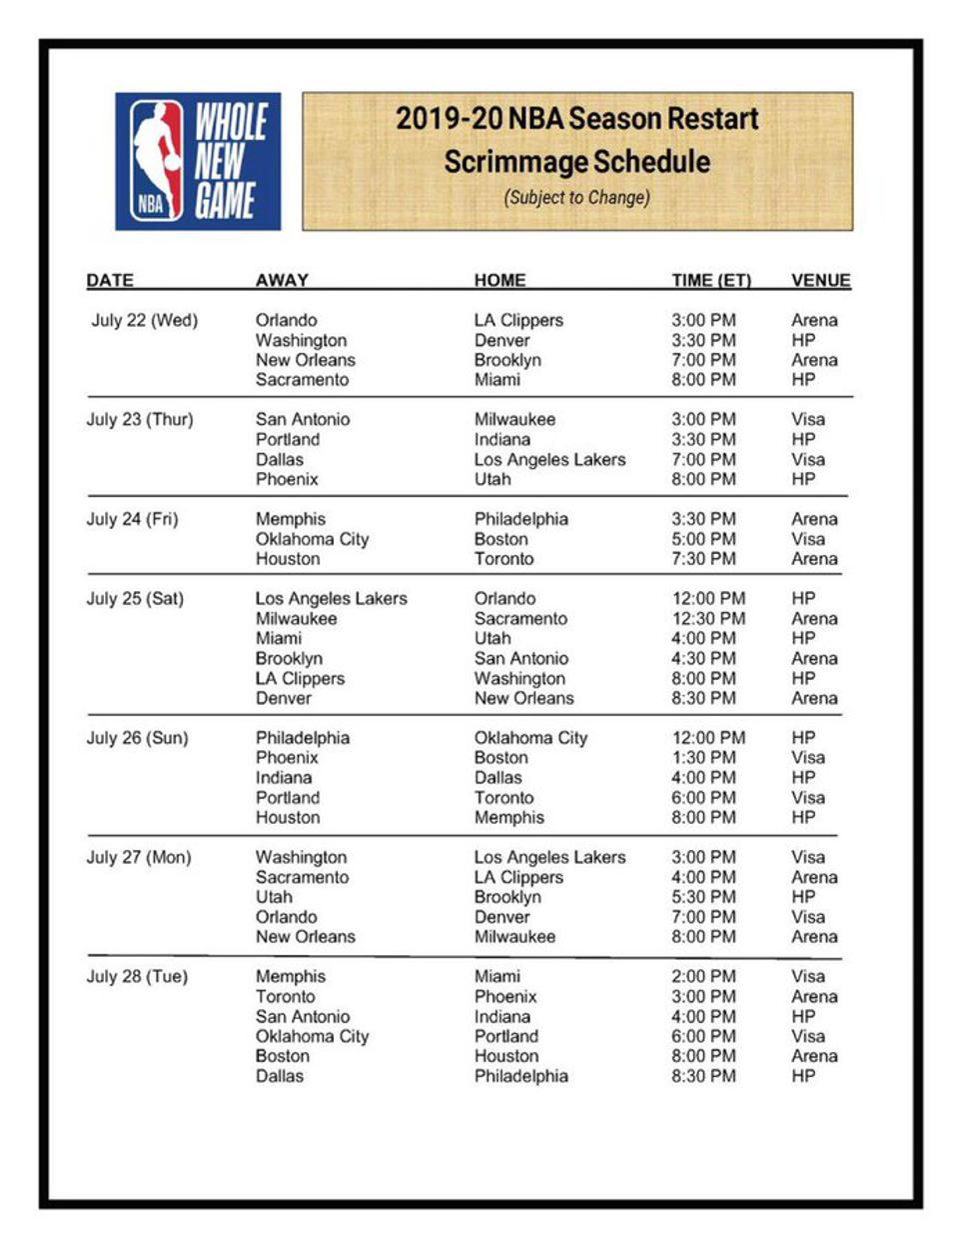 2019-20 NBA Season Restart Scrimmage Schedule